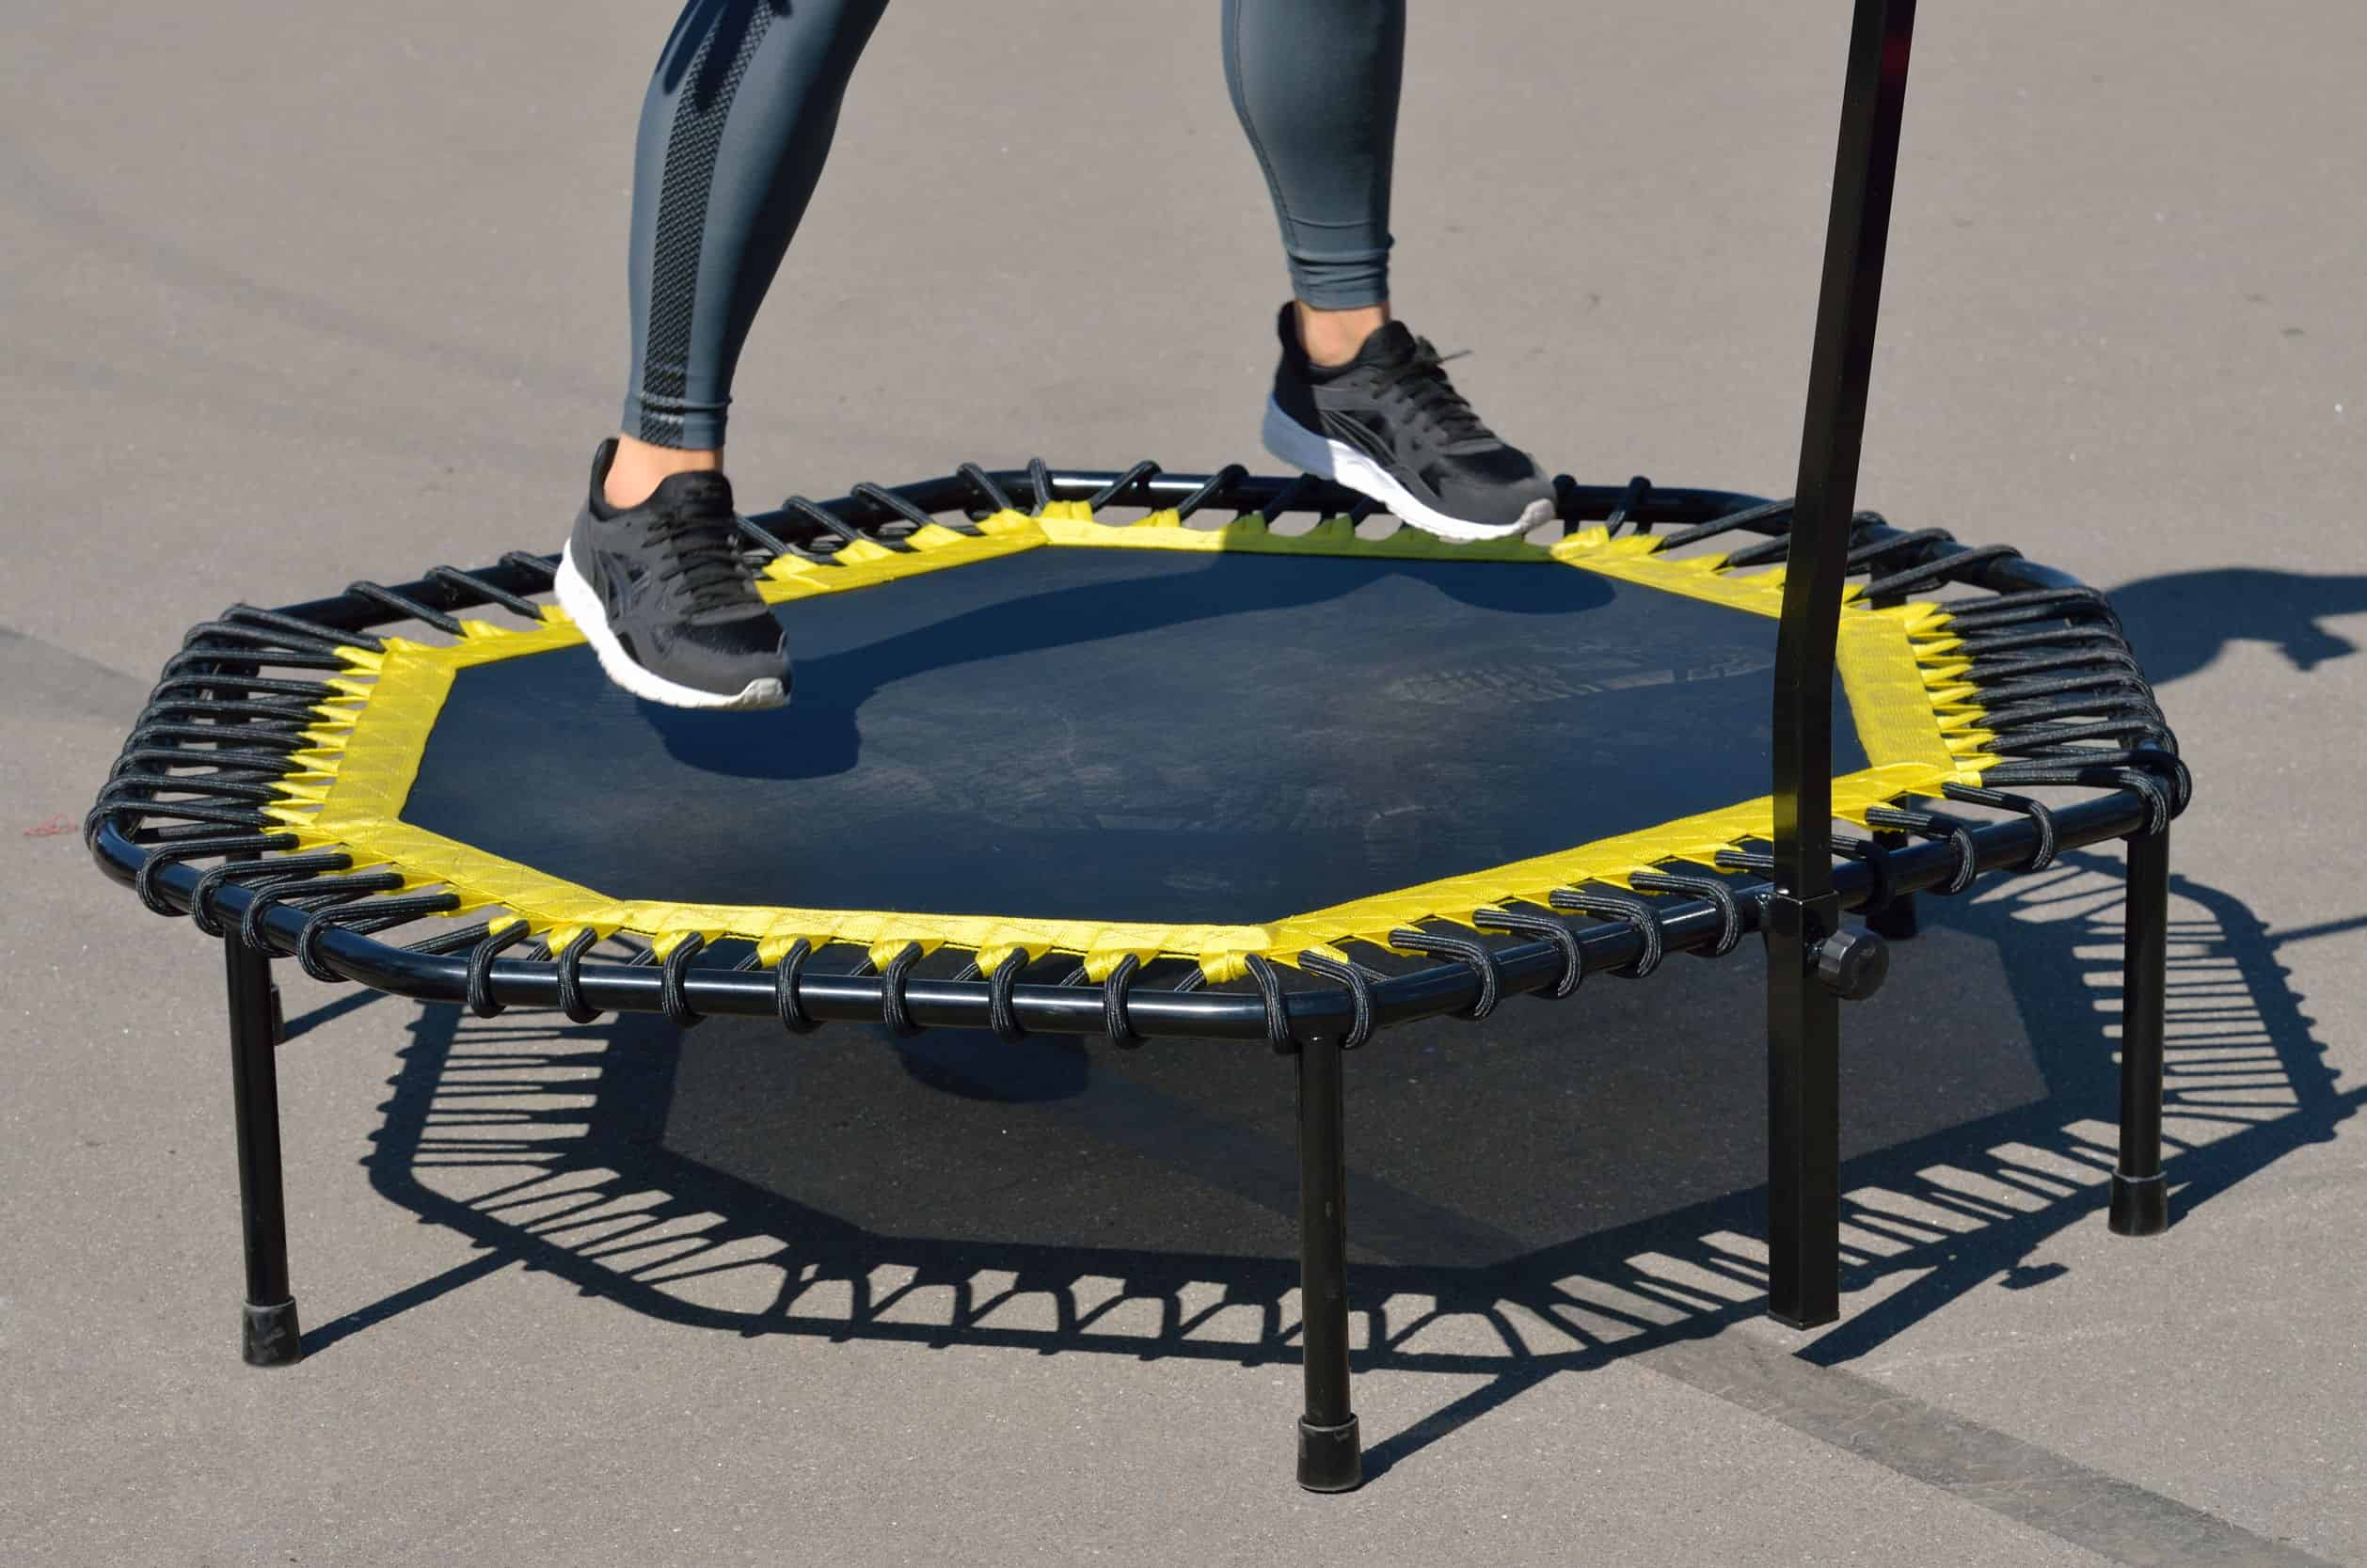 Imagem de uma minicama elástica (jump).